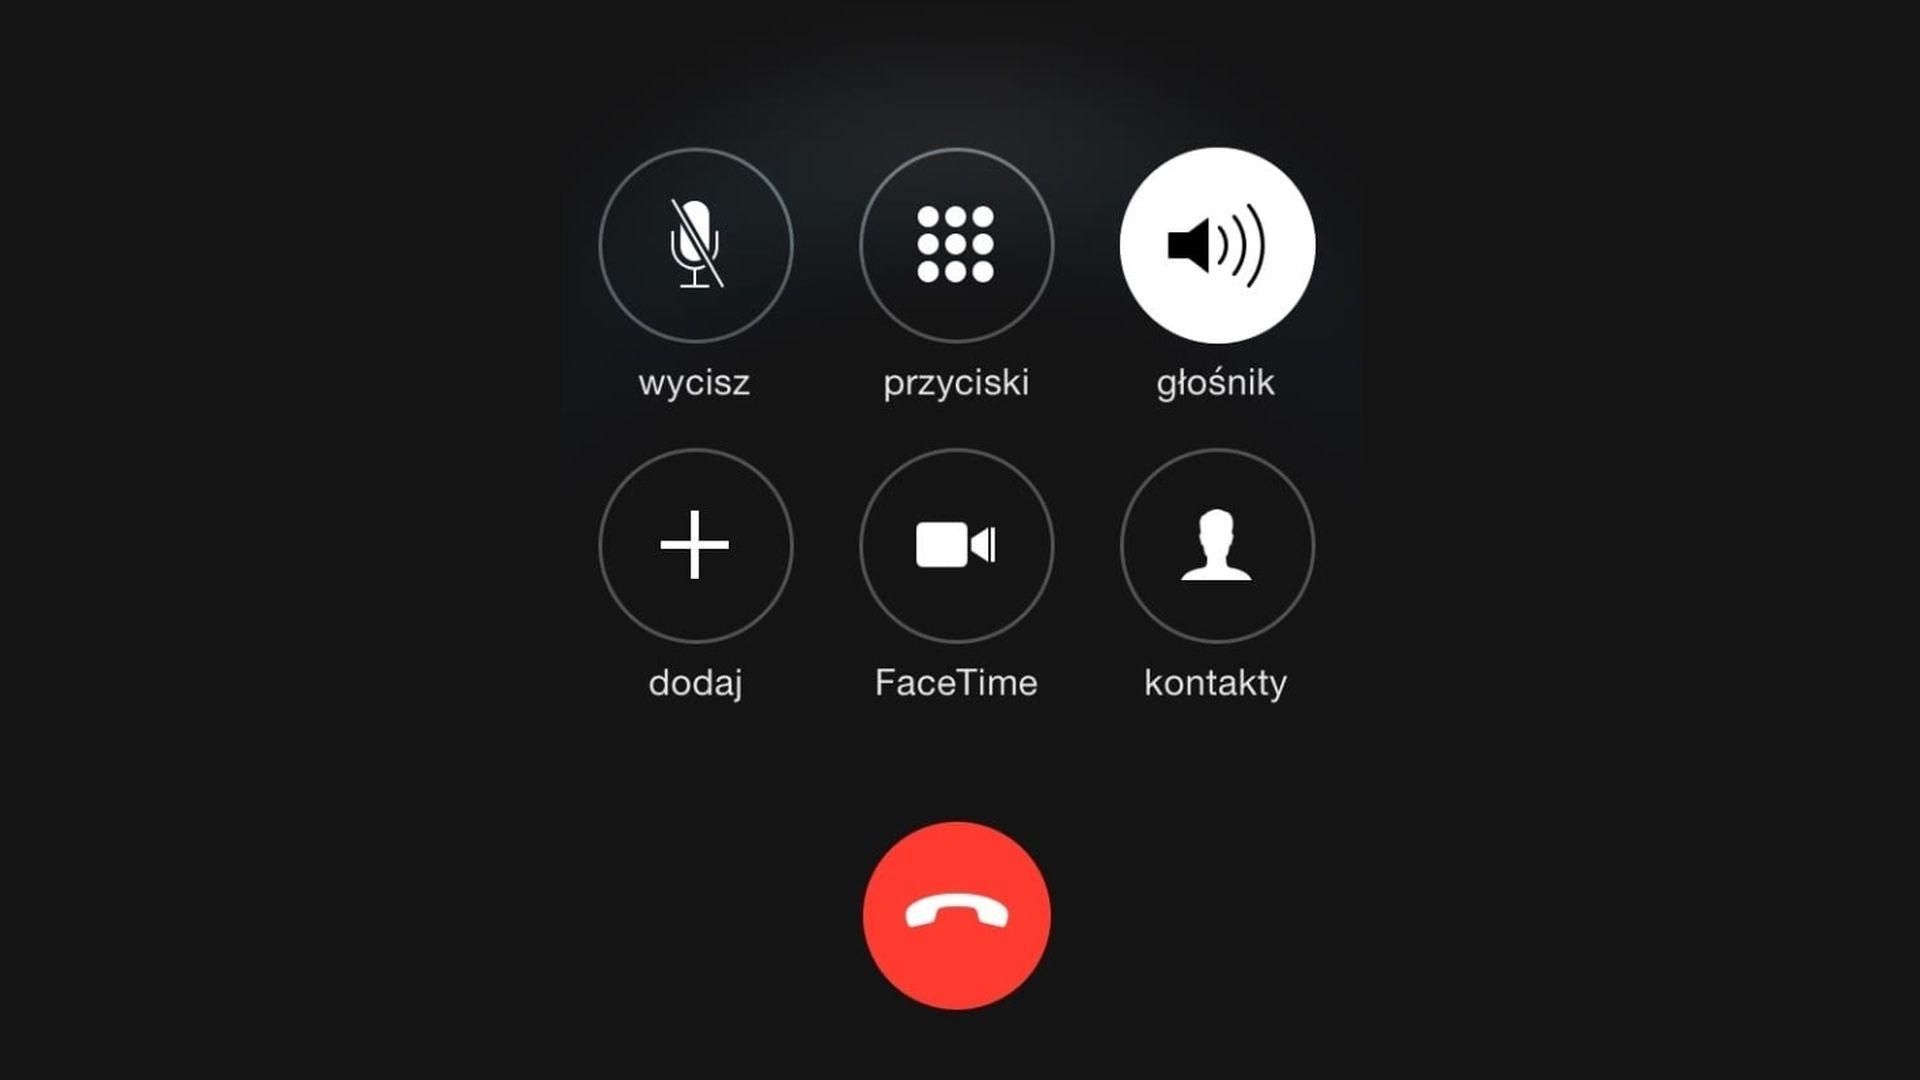 Jak ustawić iPhone'a aby automatycznie przełączał się na głośnik?